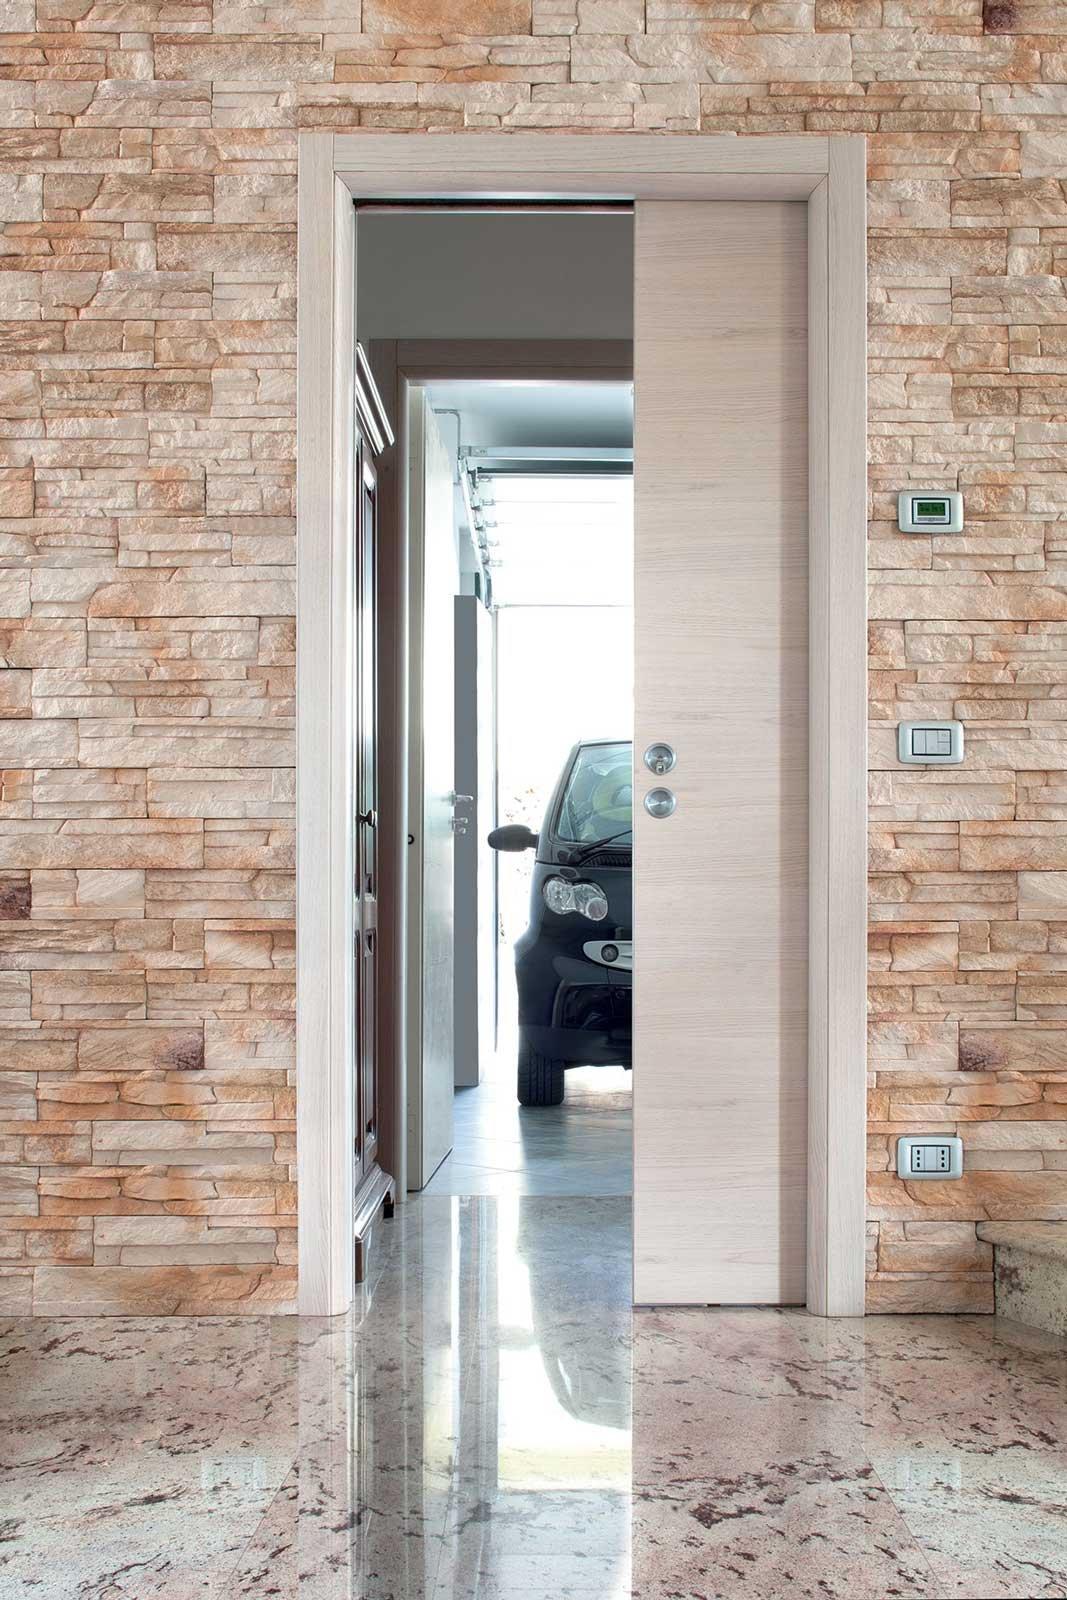 Porte scorrevoli a scomparsa si pu mettere un interruttore sulla parete cose di casa - Spazzole per porte scorrevoli ...